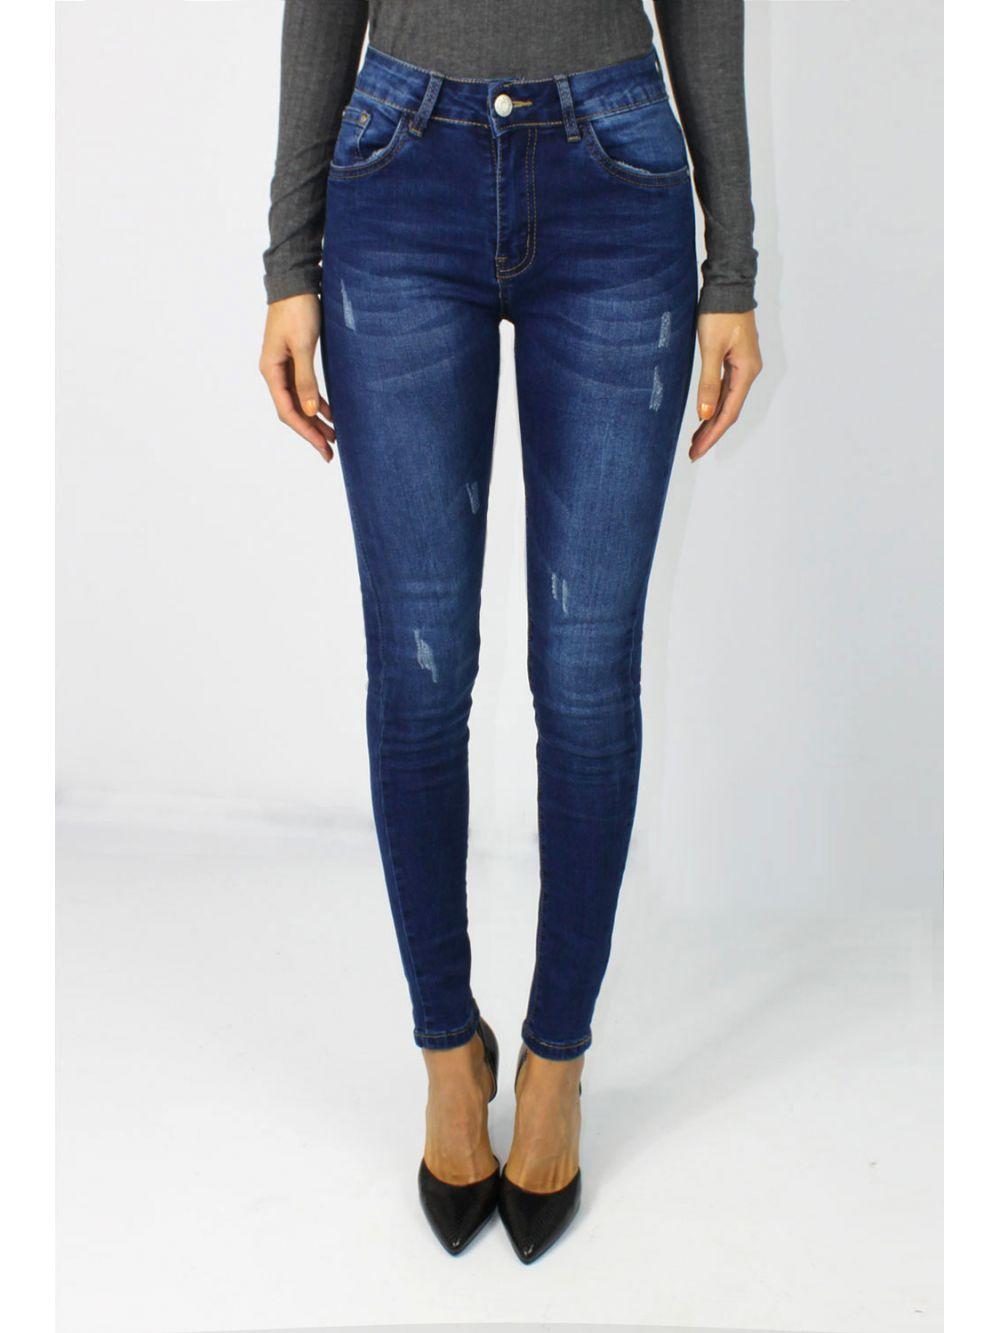 Jeans Slim délavage moyen